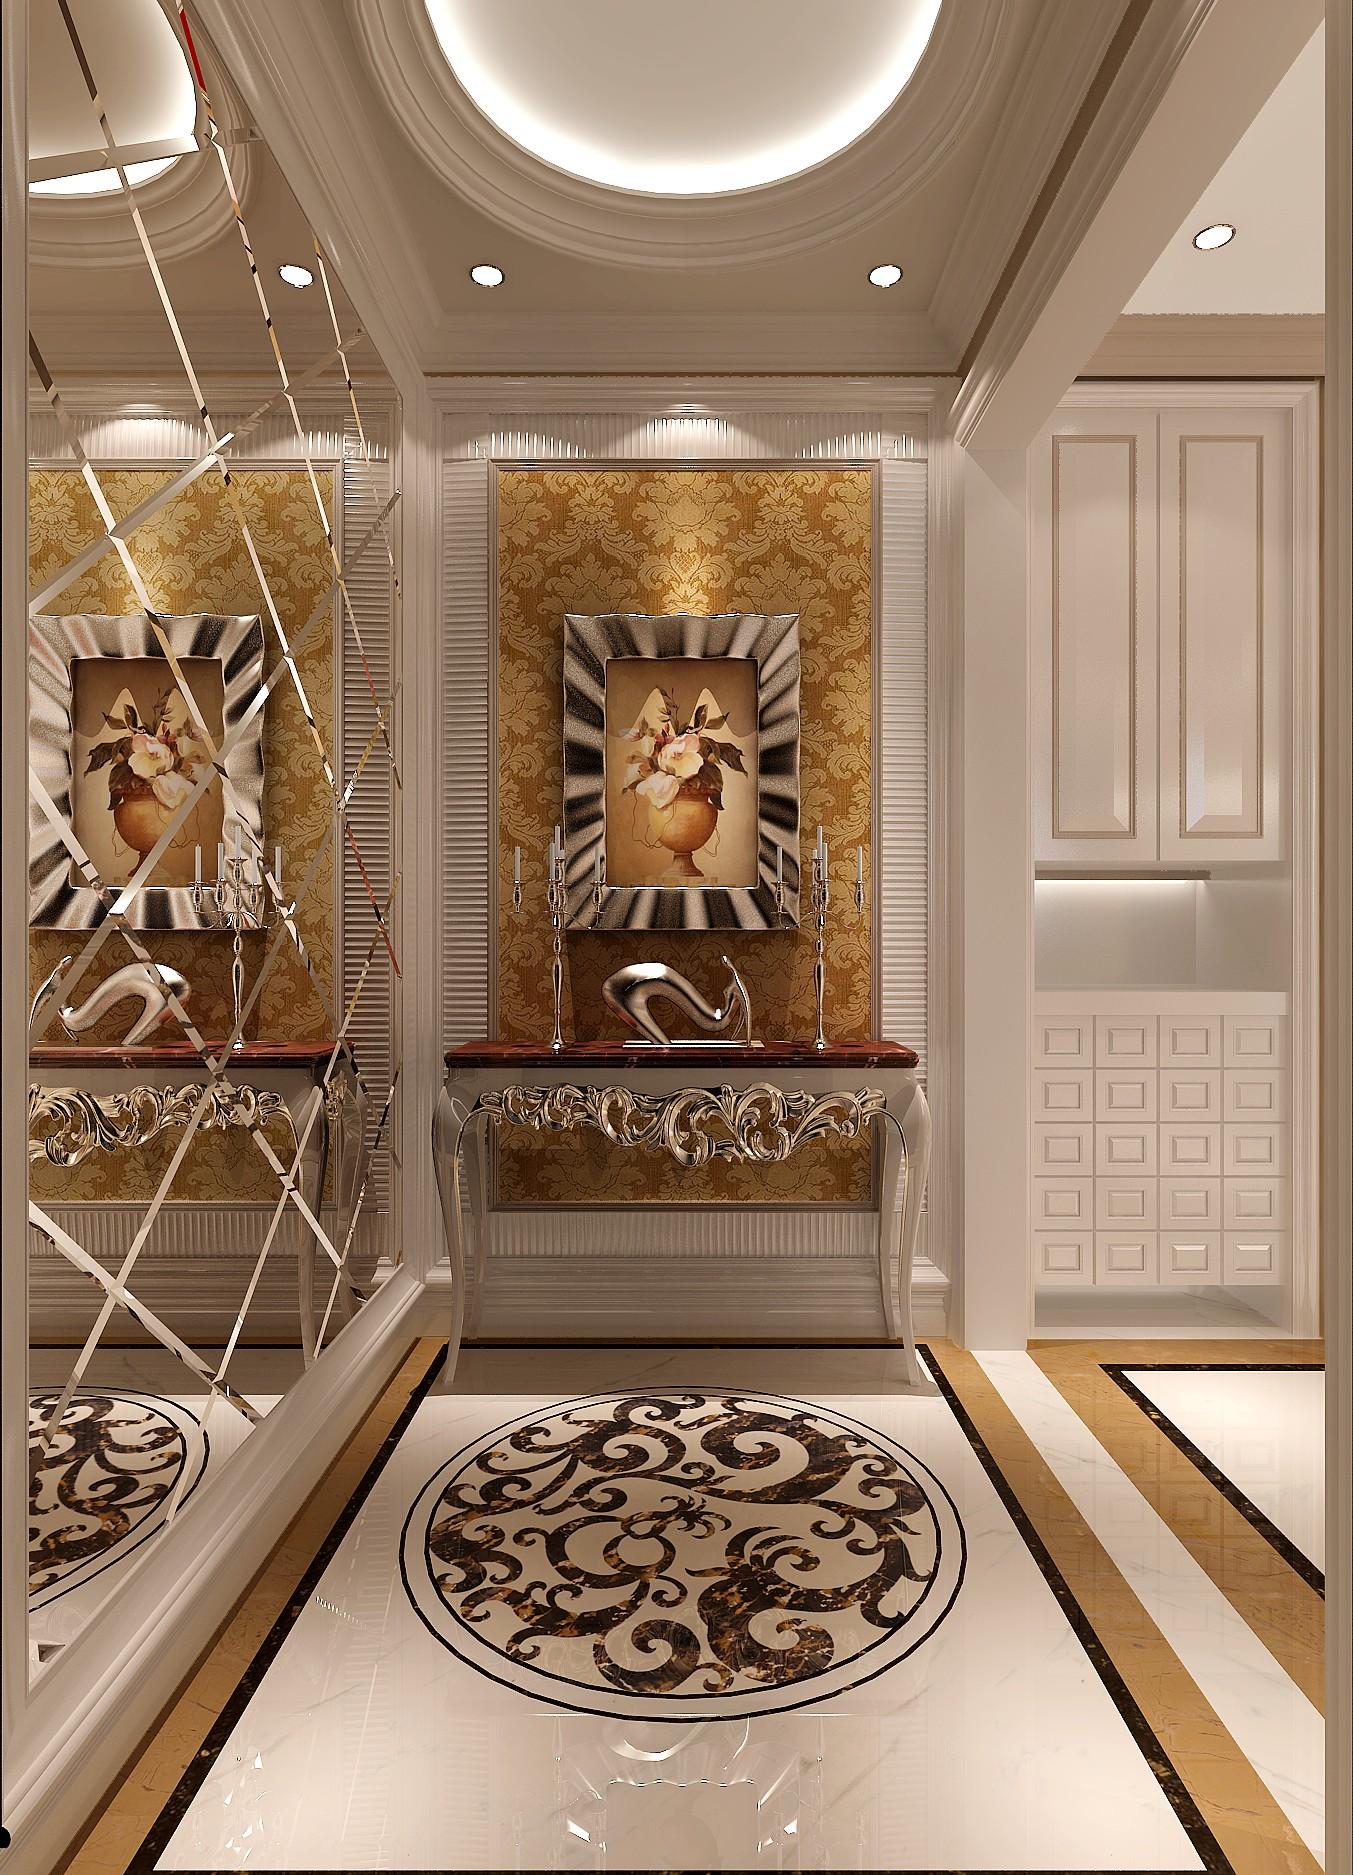 简约 欧式 别墅 白领 80后 高度国际 秦大涛 红杉溪谷 婚房 玄关图片来自北京高度国际装饰设计在300平浪漫红杉溪谷的分享